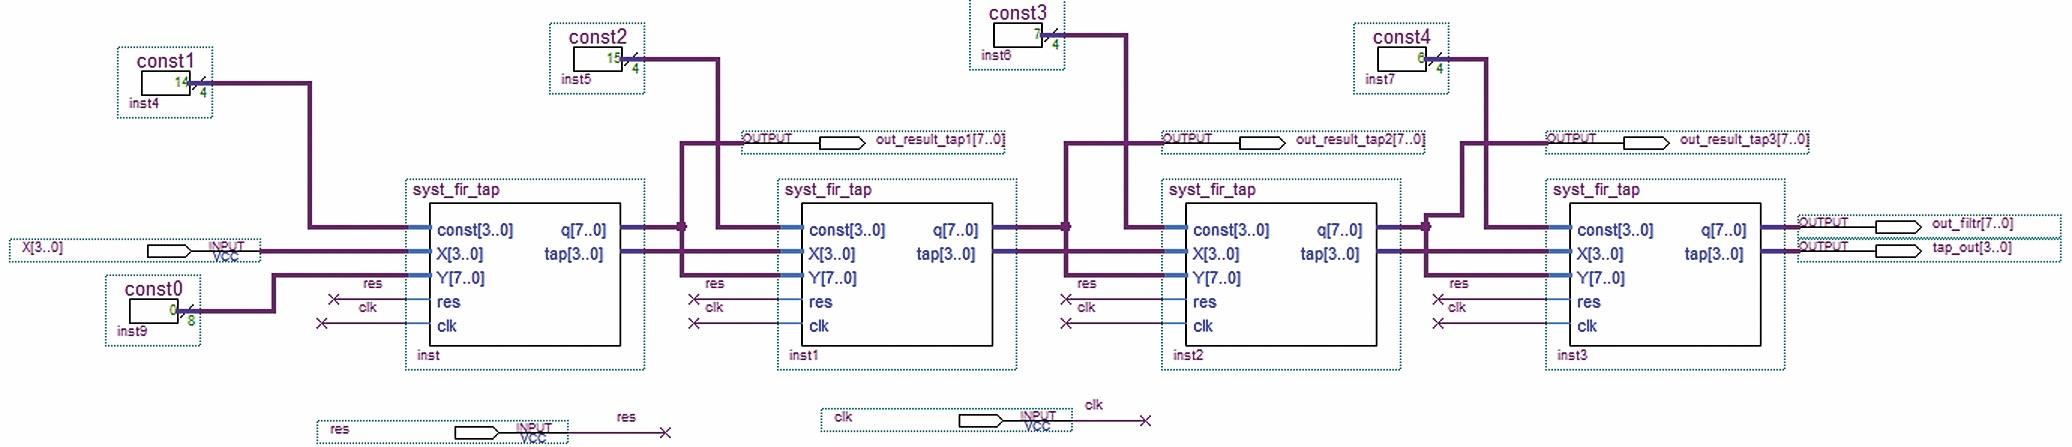 Систолический КИХ-фильтр на четыре отвода в САПР ПЛИС Quartus II с однотипными процессорными элементами